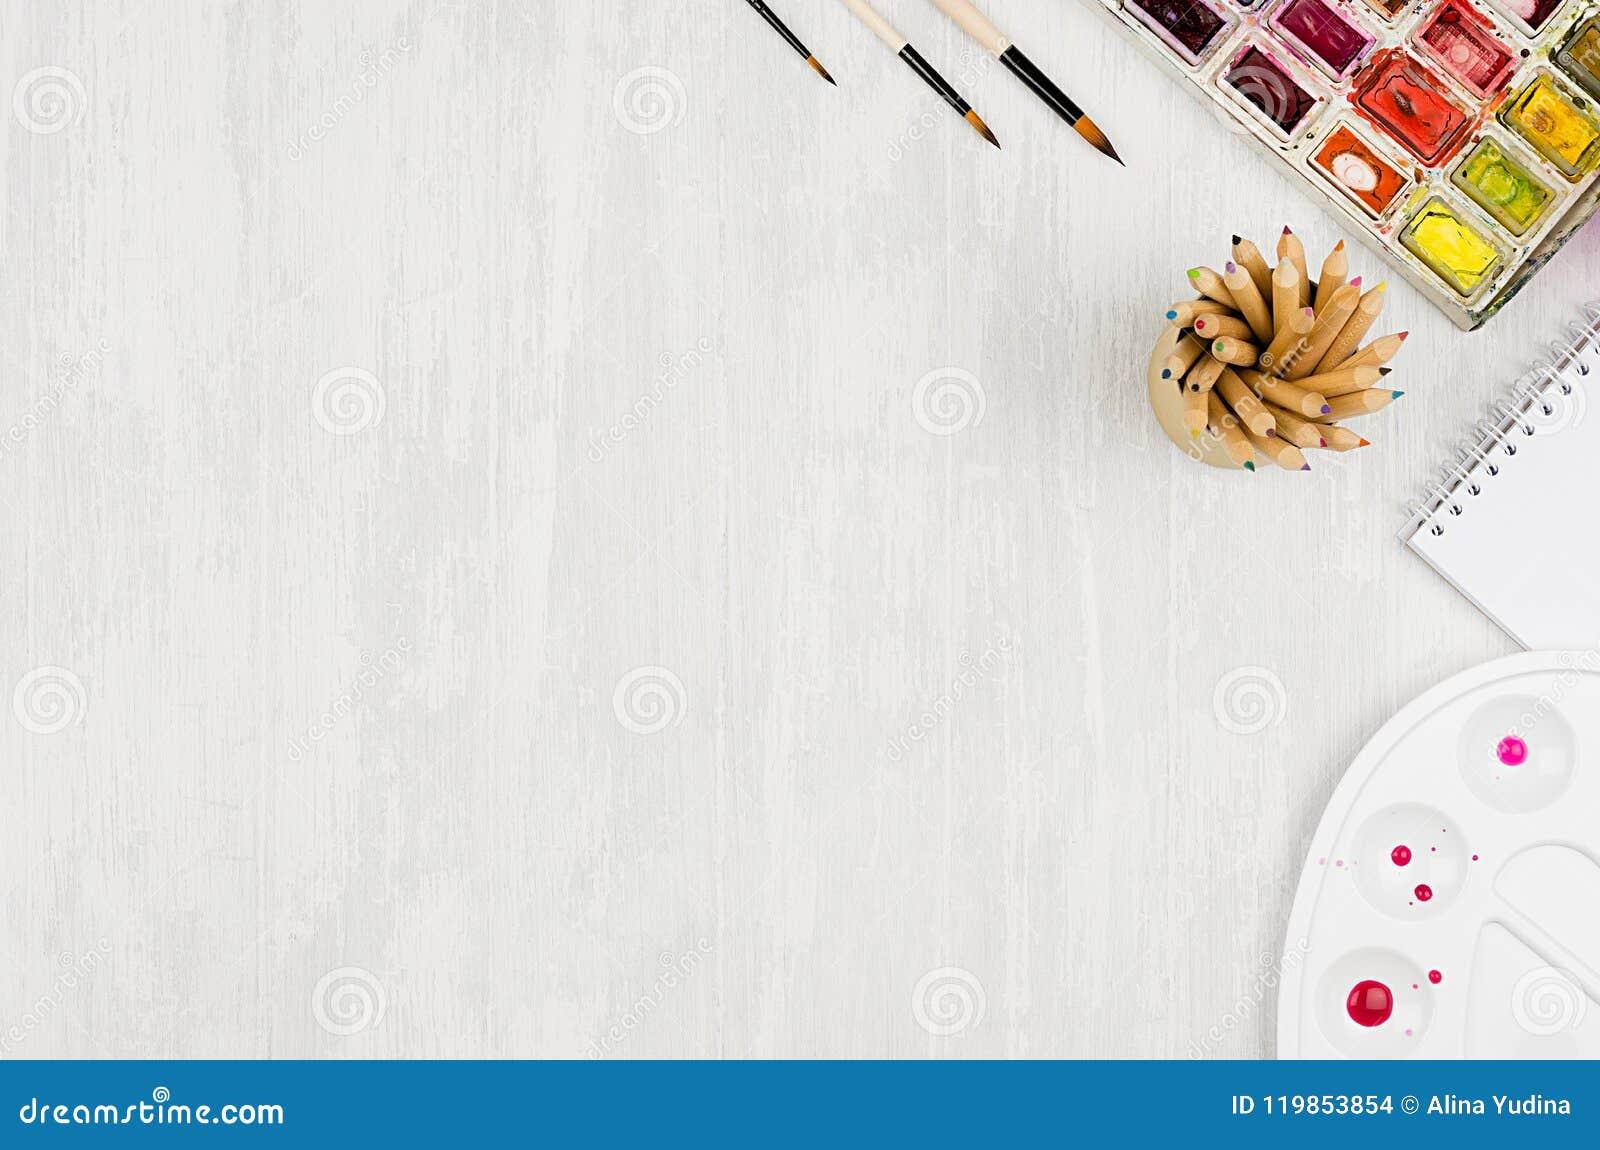 Ontwerperswerkplaats - kantoorbehoeften voor creativiteit - waterverfverven, palet, borstels, kleurpotloden op witte houten lijst